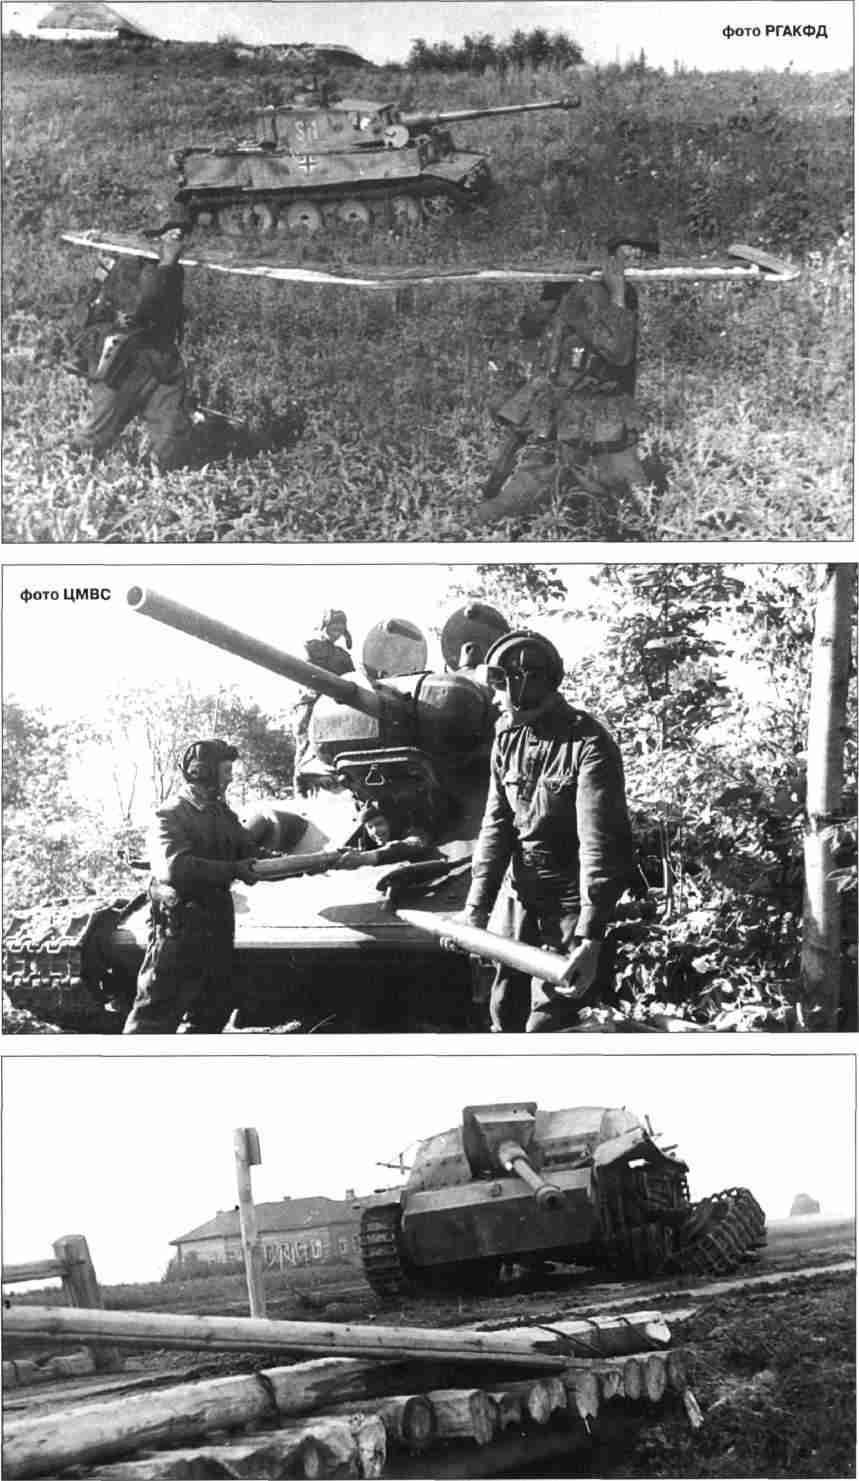 Верхний снимок— Пехотинцы дивизии «Дас Райх» помогают вытащить застрявший «Тигр».